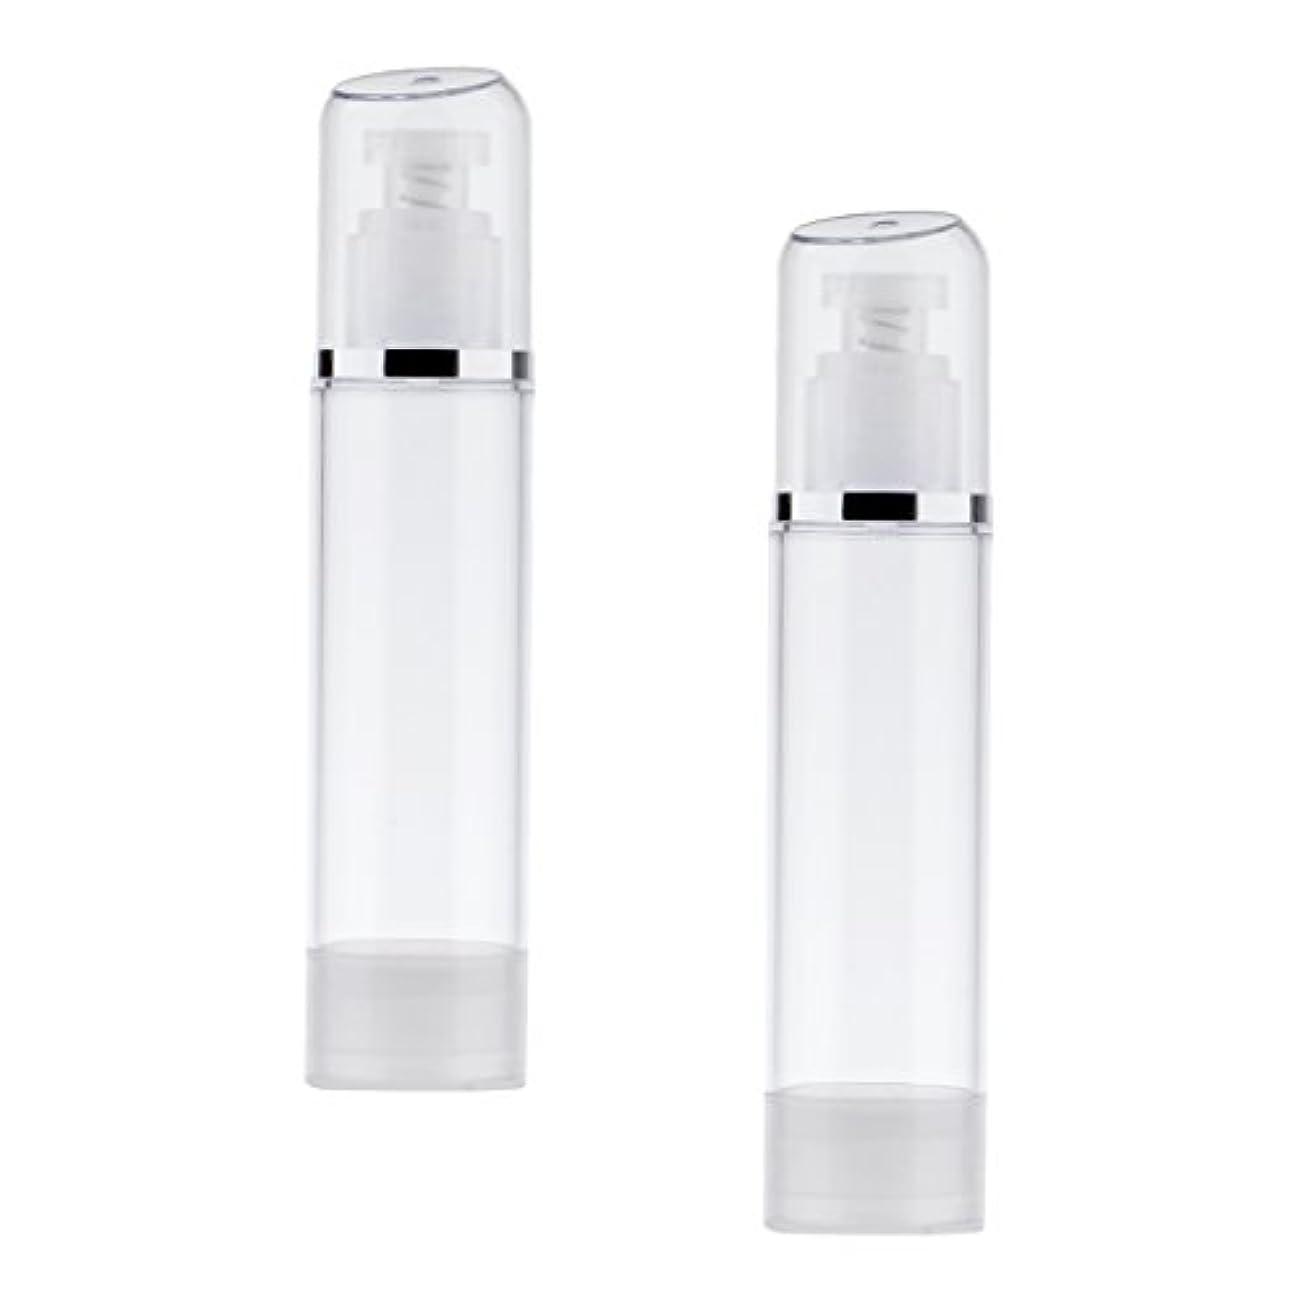 センチメンタル出版原子炉2個 空ボトル ポンプボトル エアレス ポンプディスペンサー ボトル プラスチック 100ml クリア